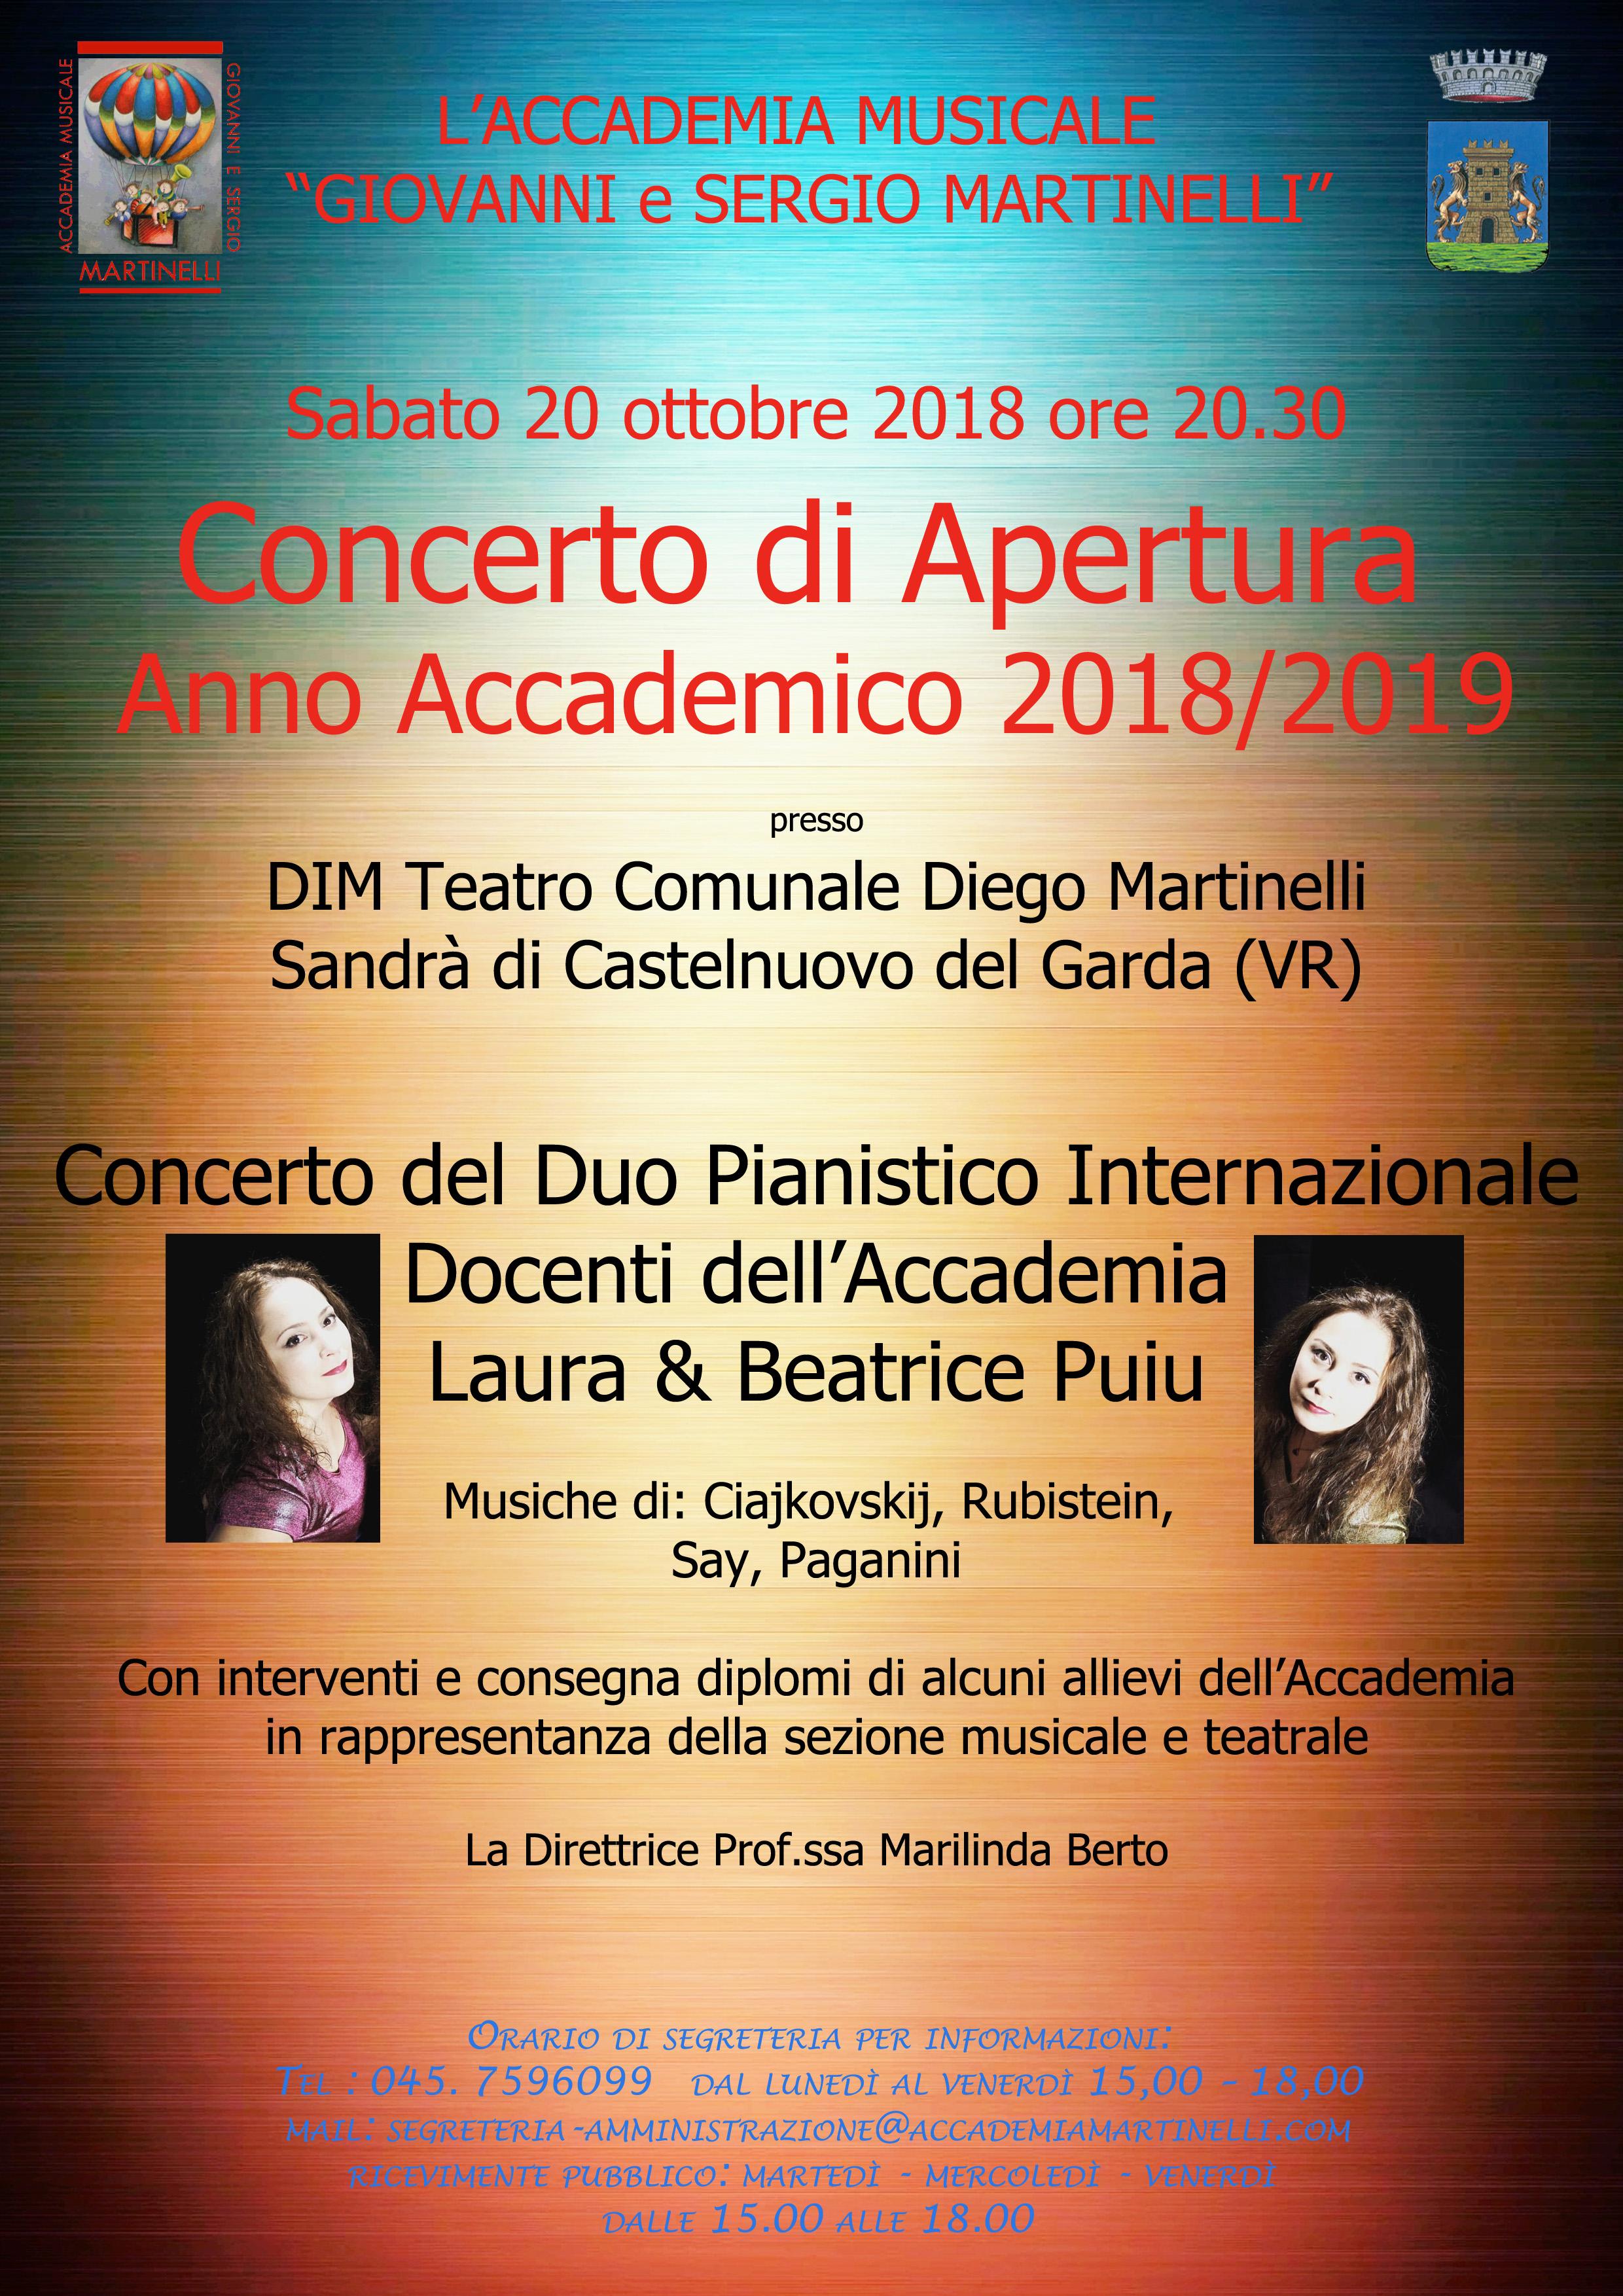 concerto apertura 2018